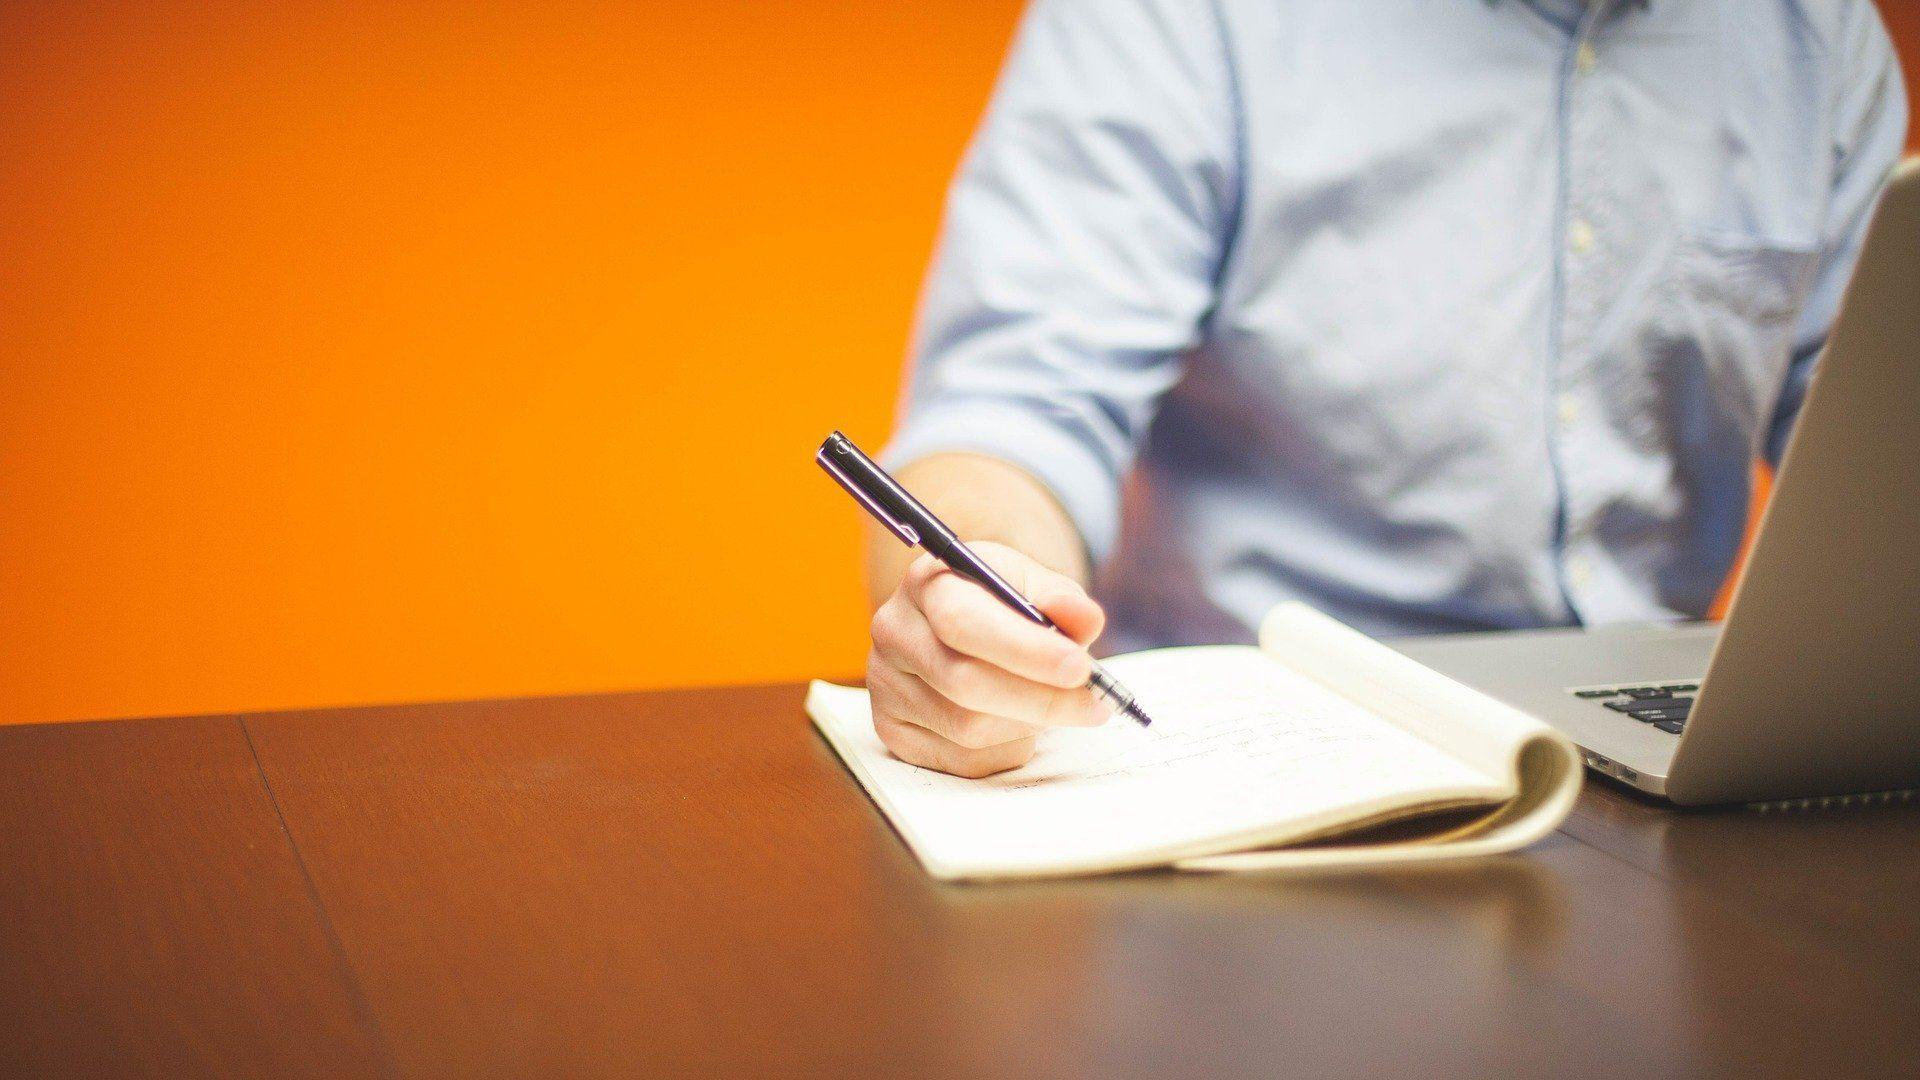 Мужчина работает с бумагами - Sputnik Ўзбекистон, 1920, 22.09.2021